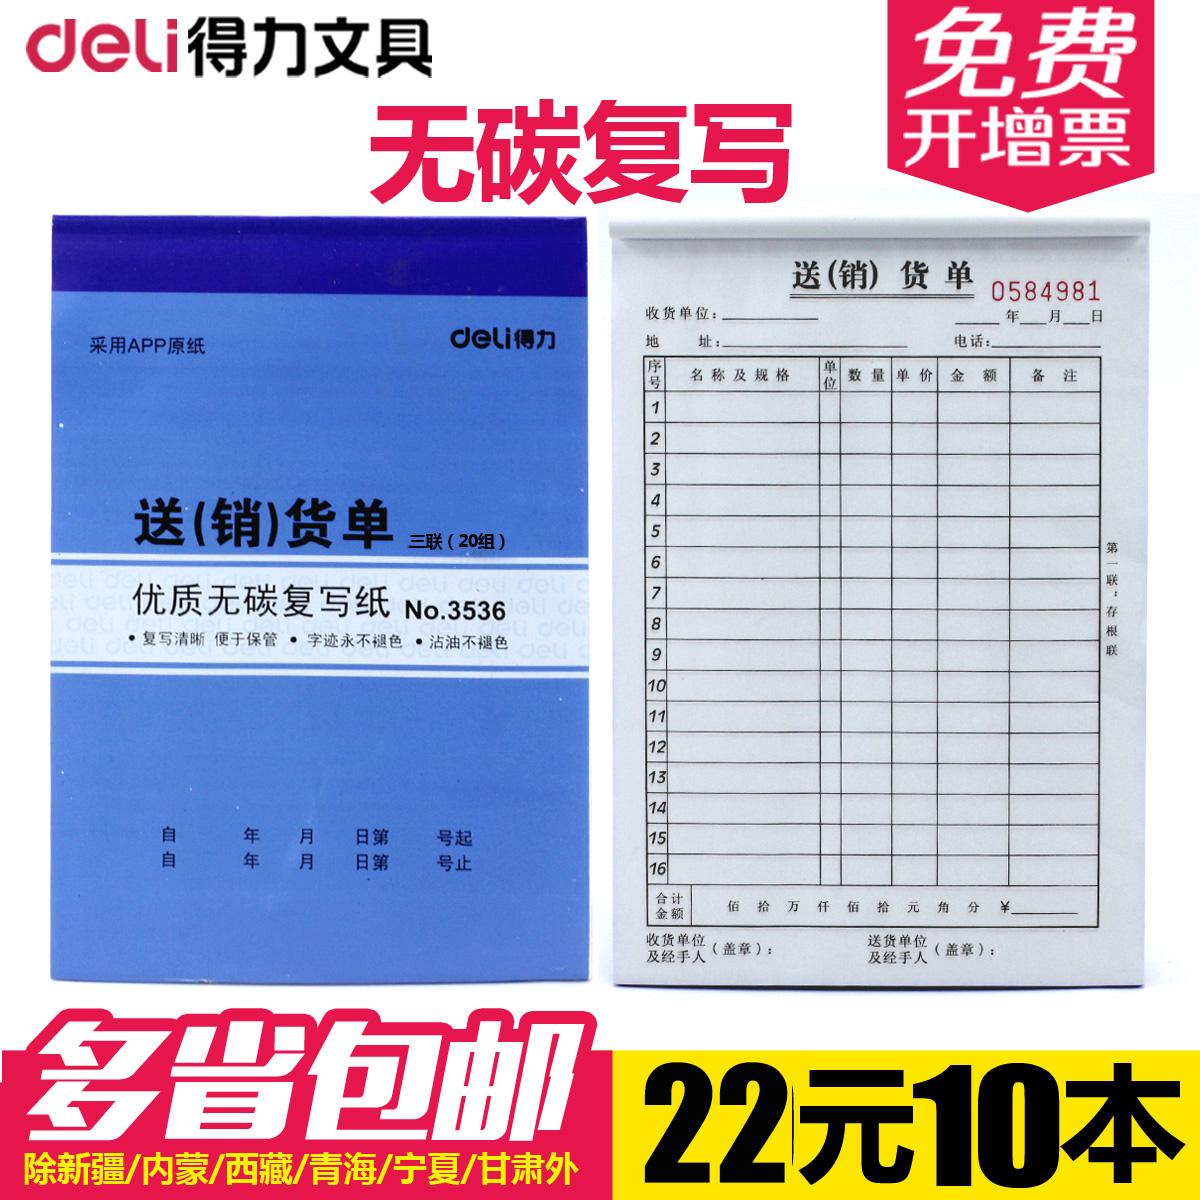 包郵 deli得力送貨單據 二聯三聯銷貨清單兩聯無碳複寫倉庫出貨單